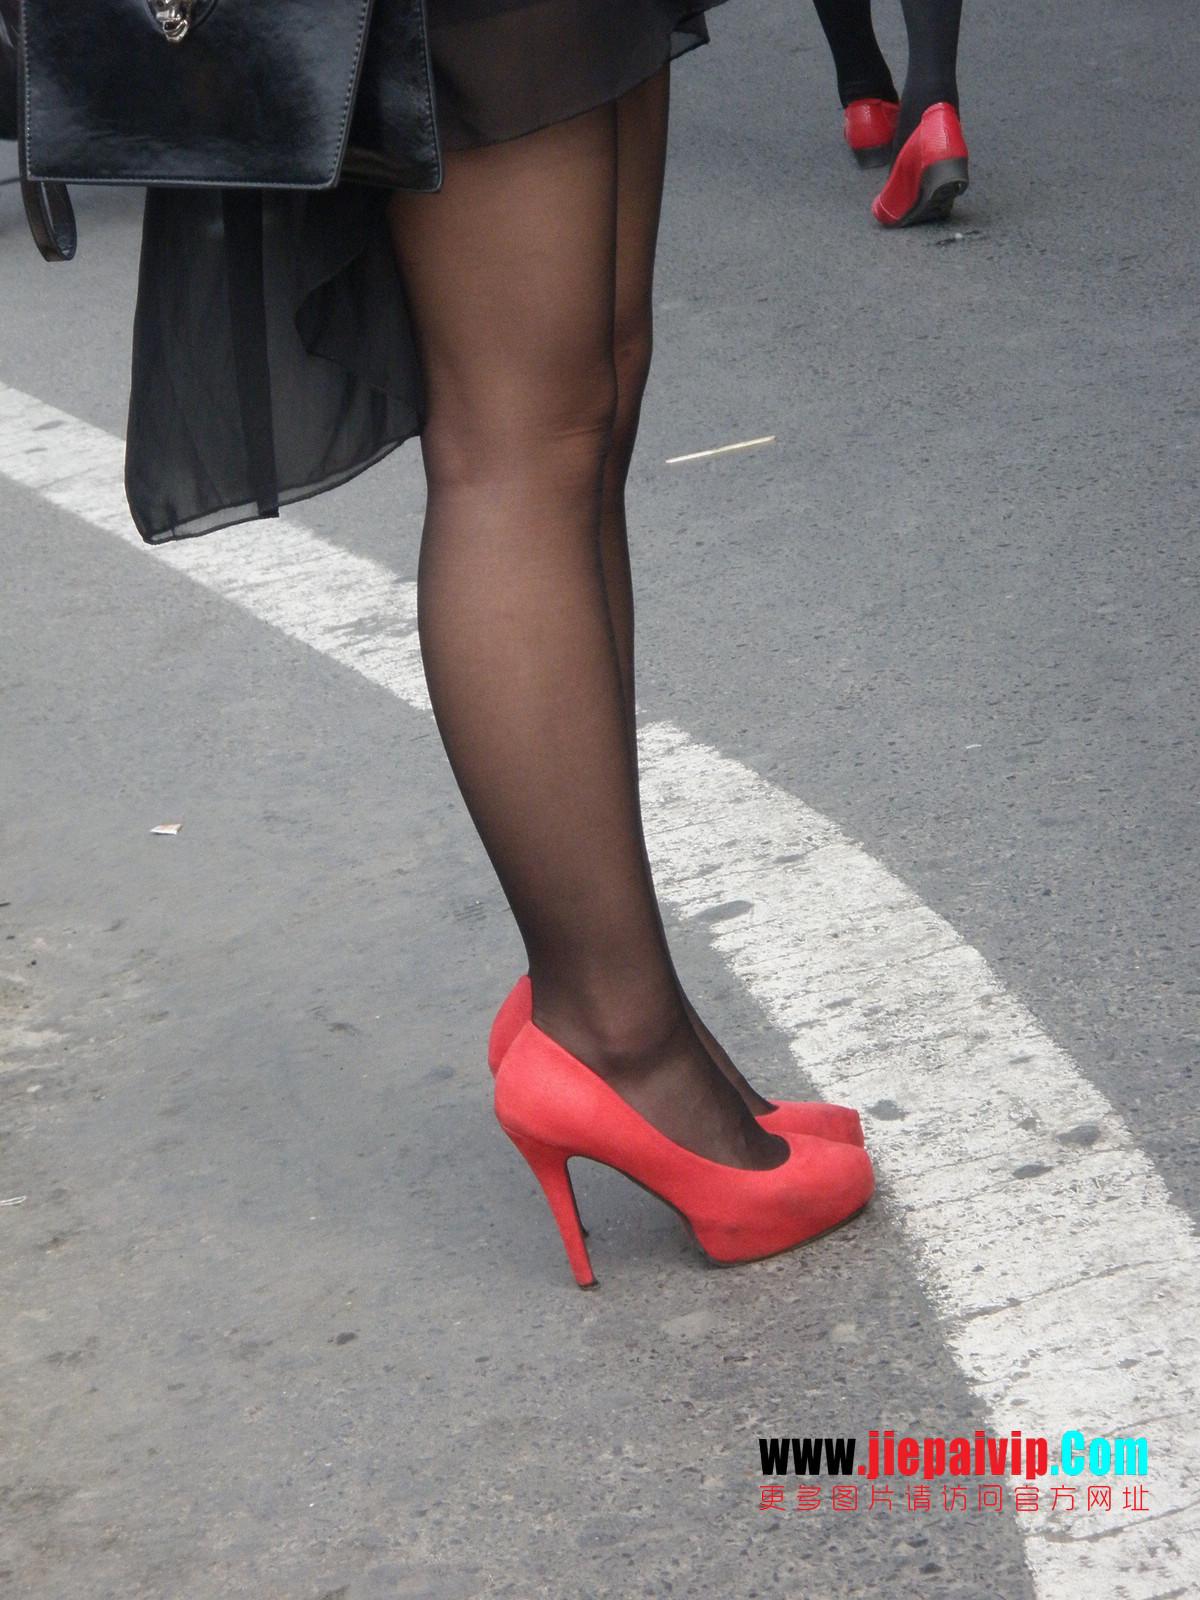 性感的红色高跟鞋黑丝袜美腿女人20